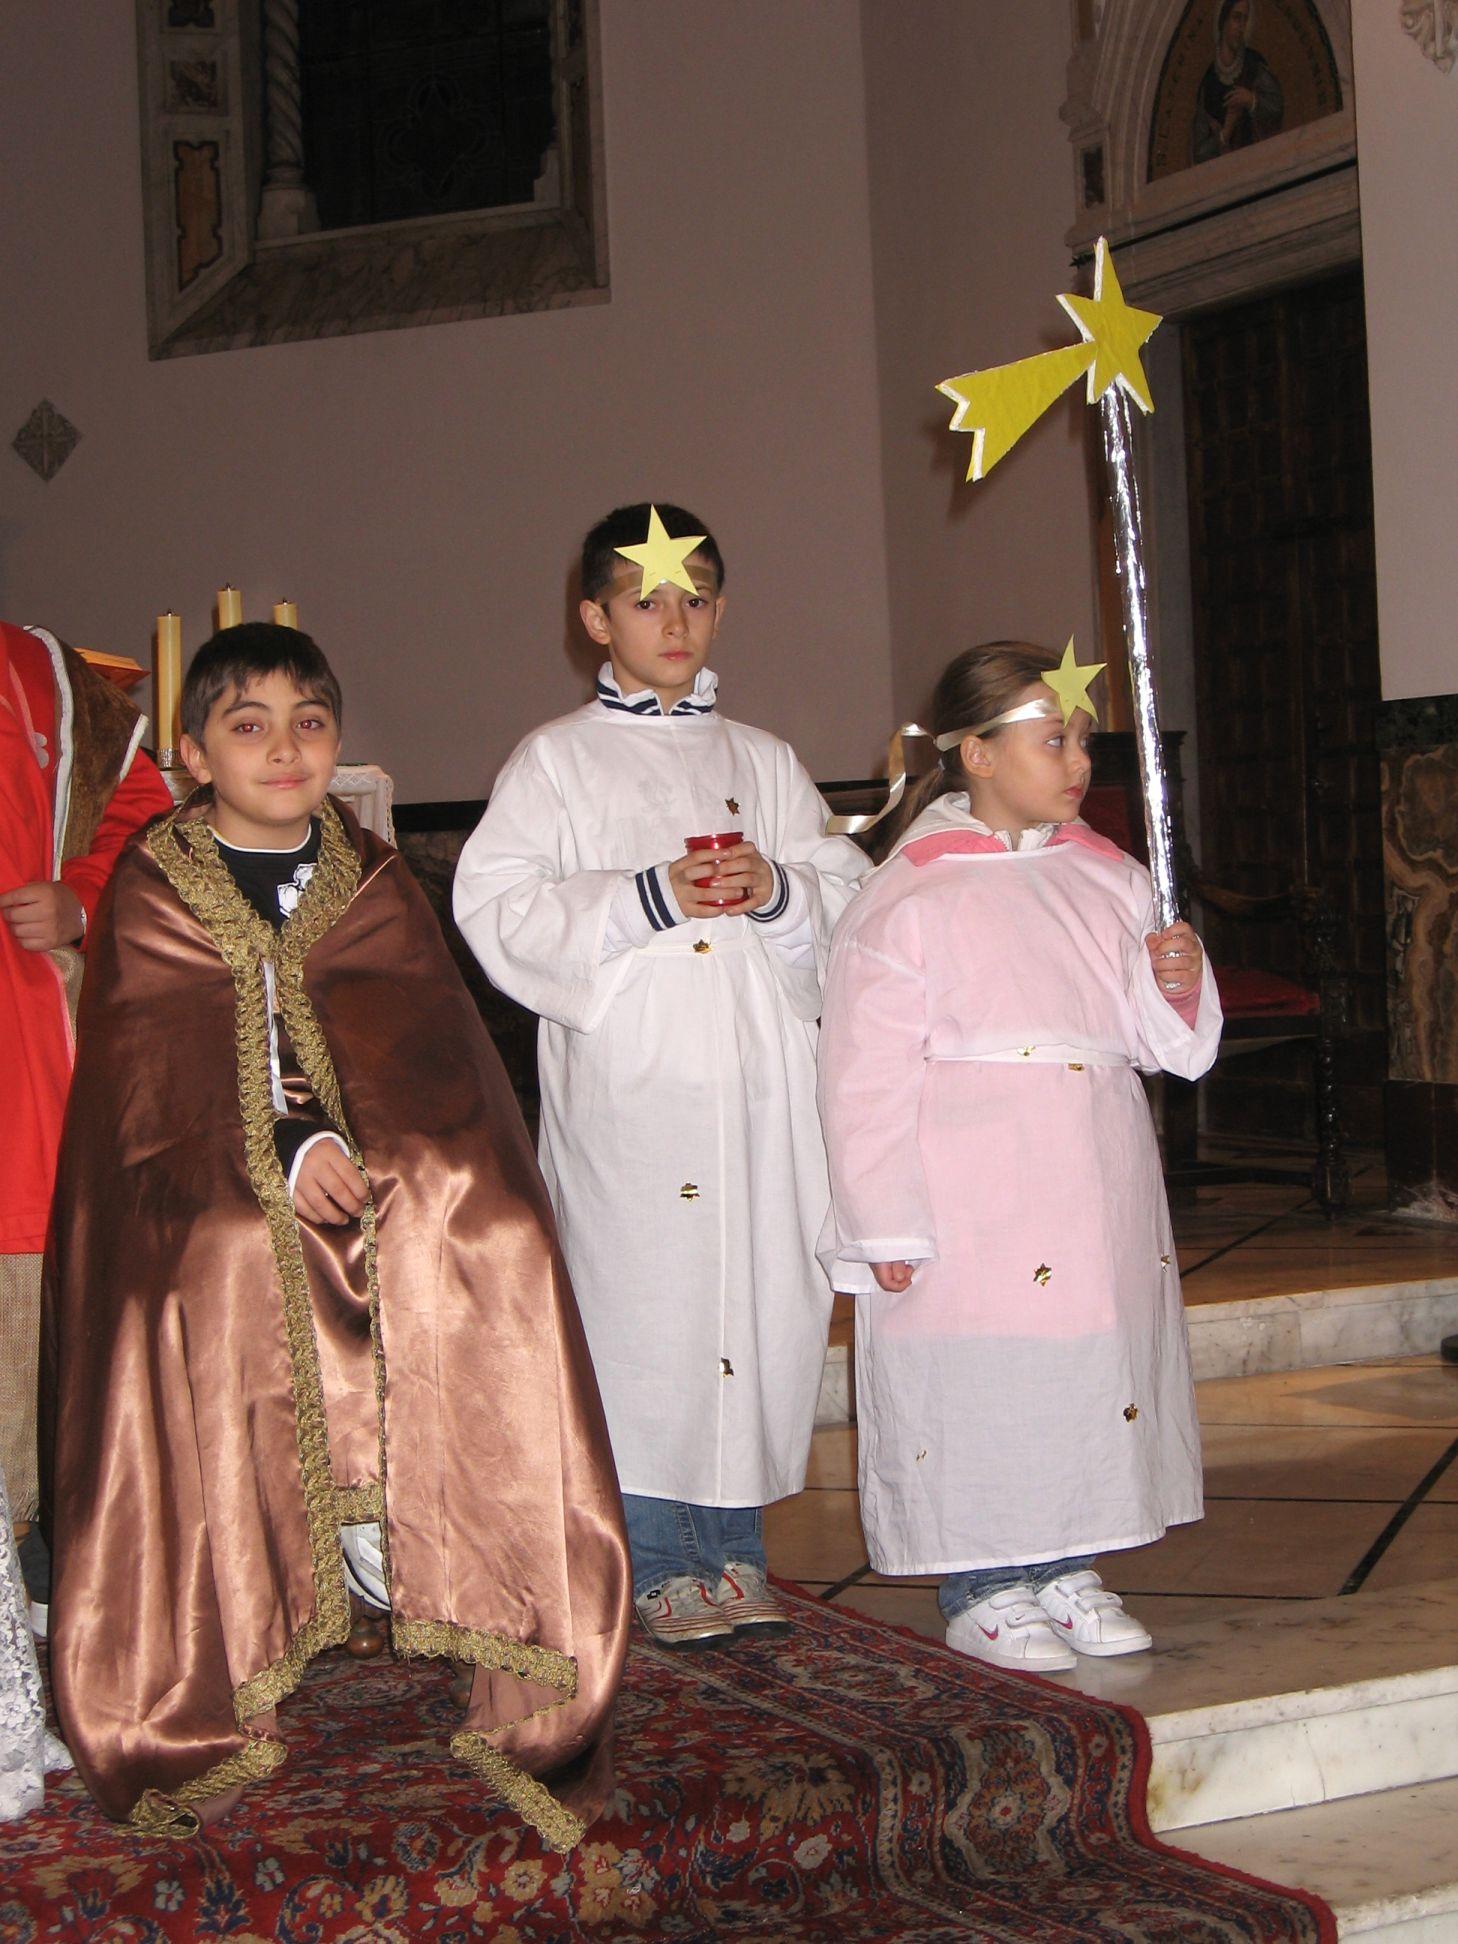 Recita_Natale-2009-12-24--23.55.15